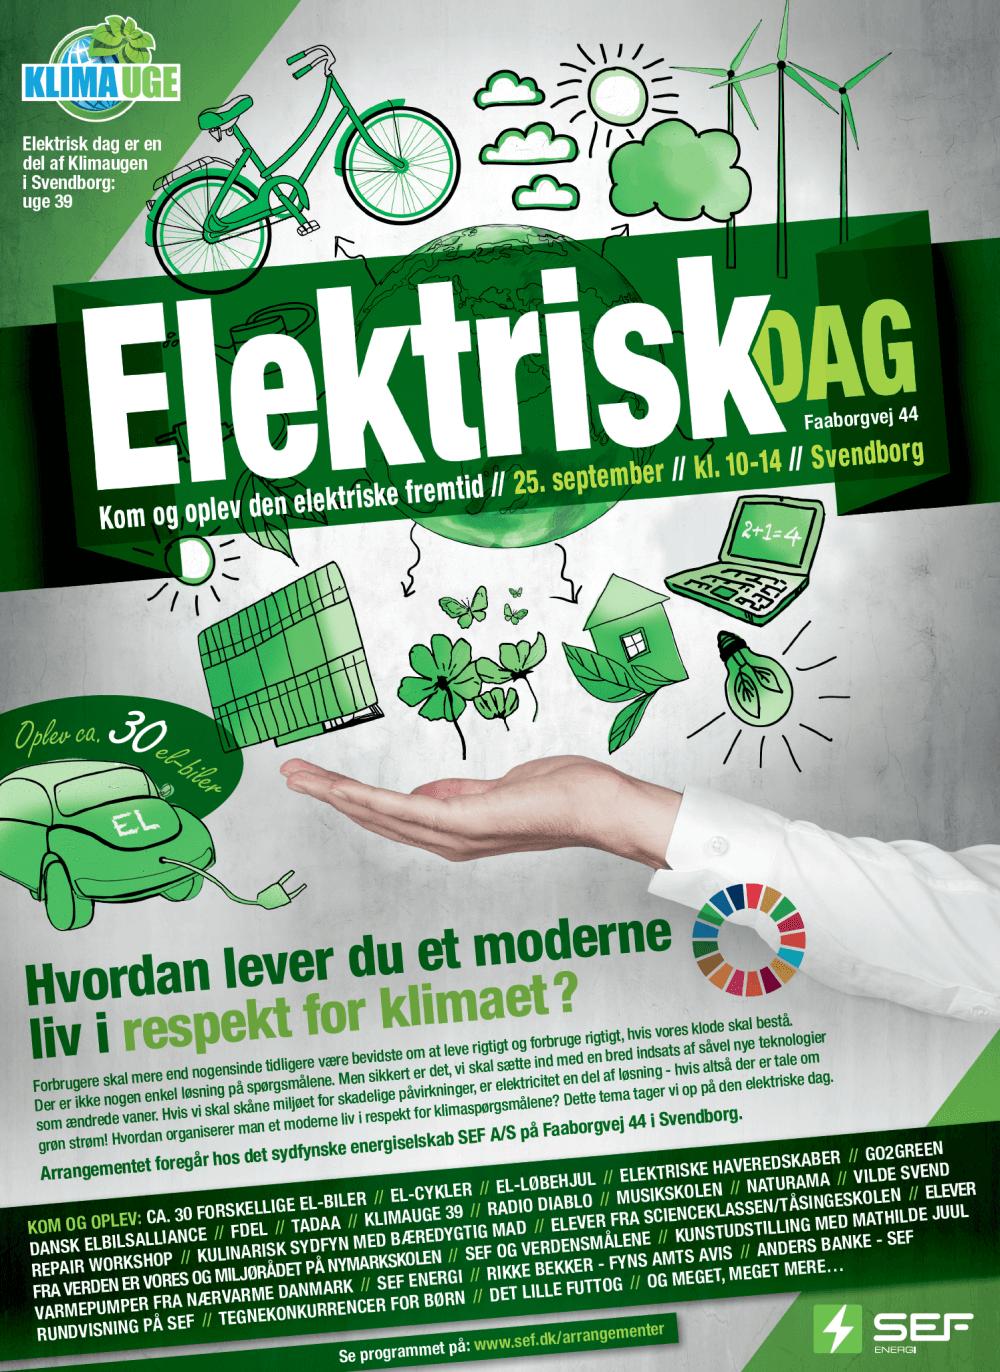 Elektriskdag - kom og oplev den elektriske fremtid